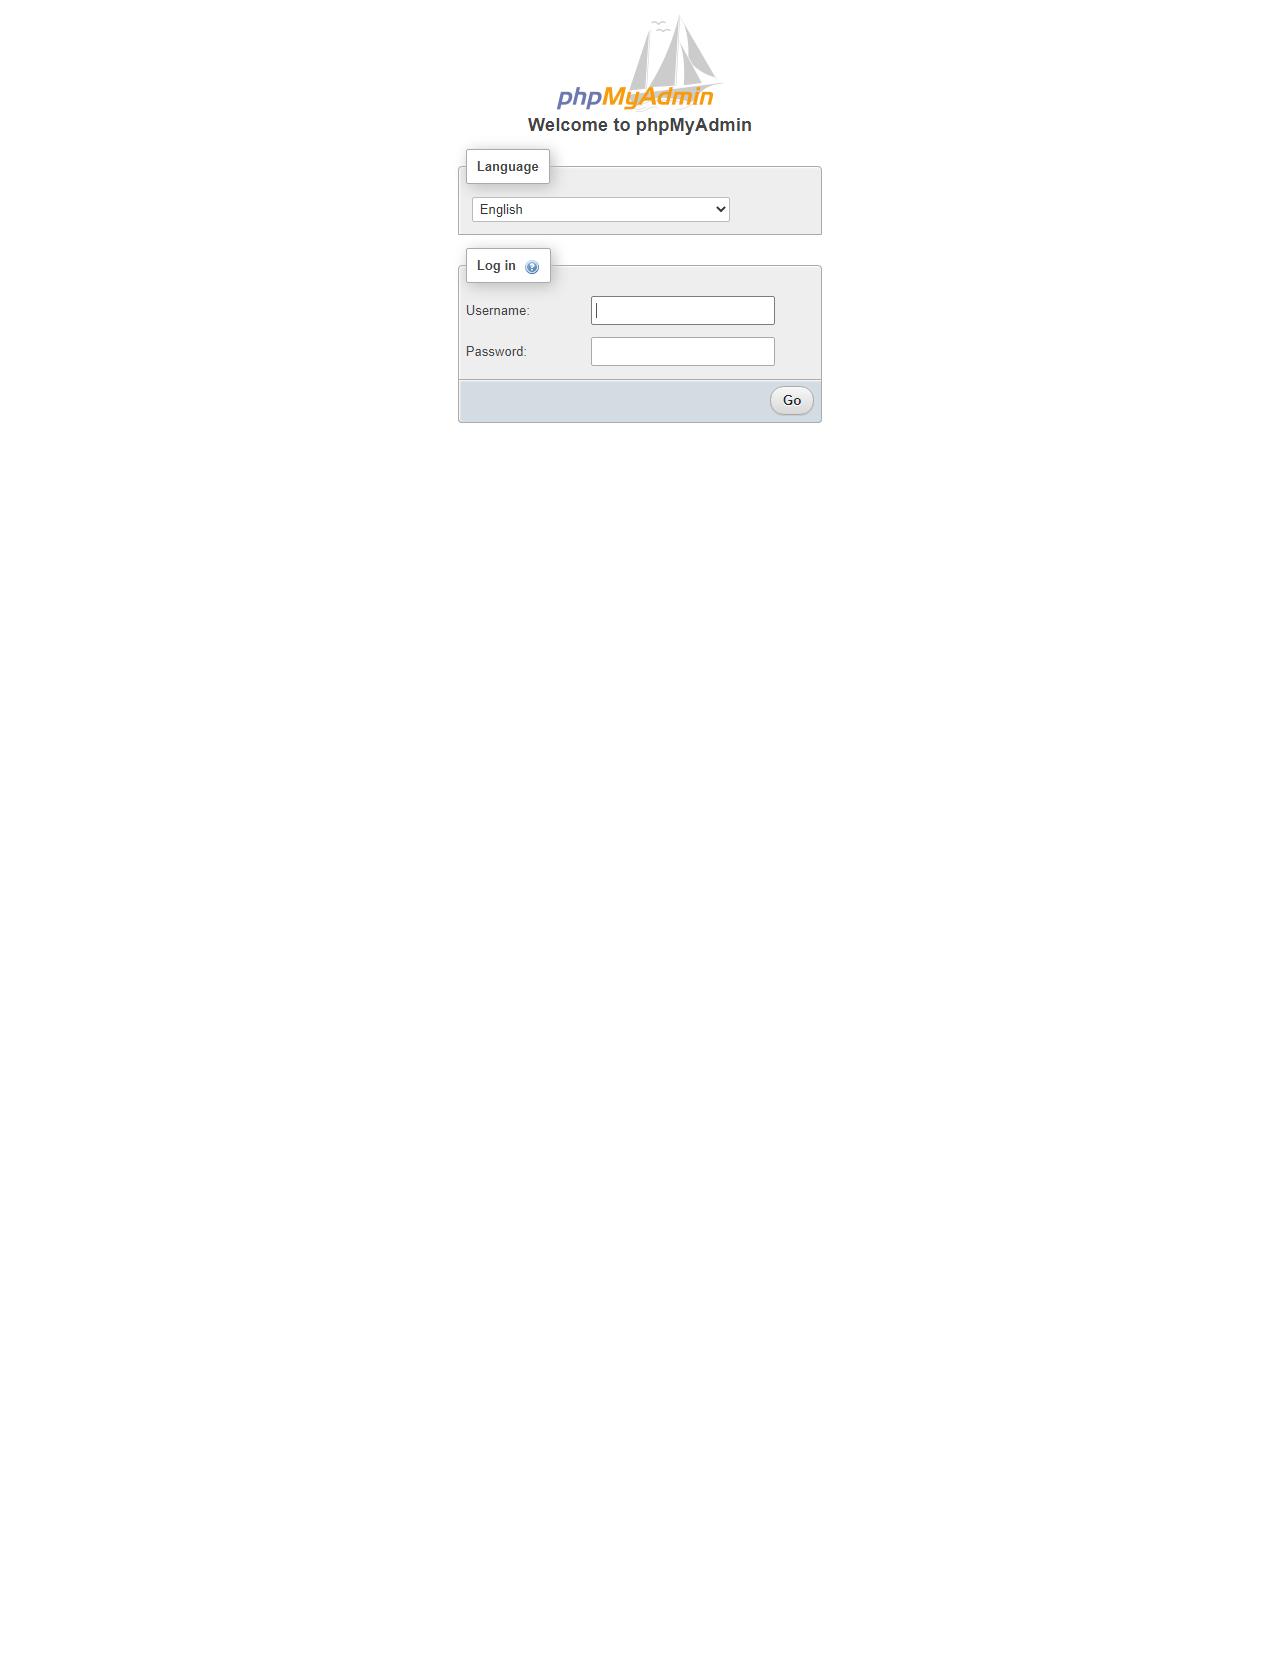 Screenshot Desktop - https://test.shopkeepertools.com/